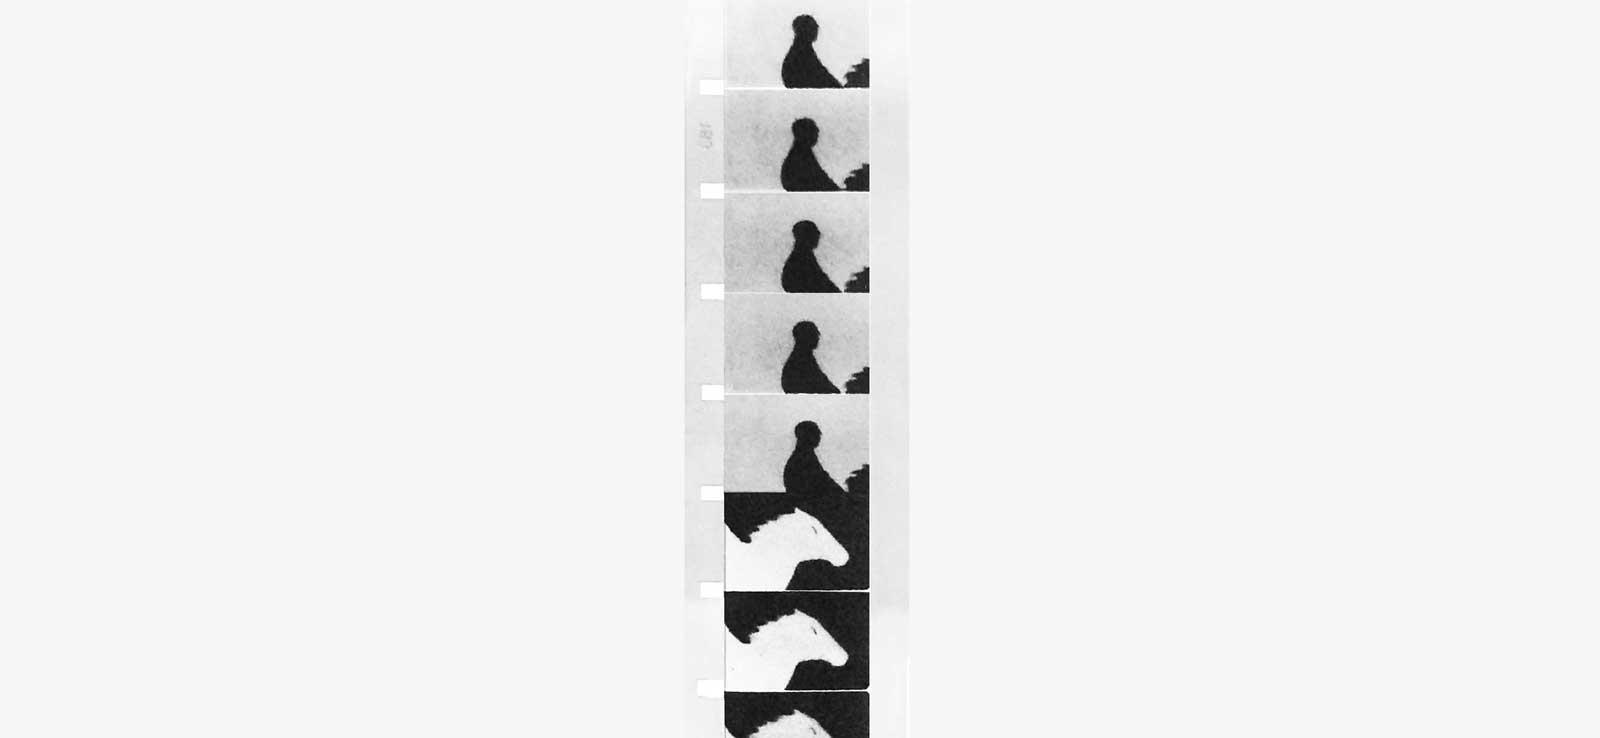 Antoni-Pinent-film-Still-Frame-analog-QR-CODE-frame-by-frame